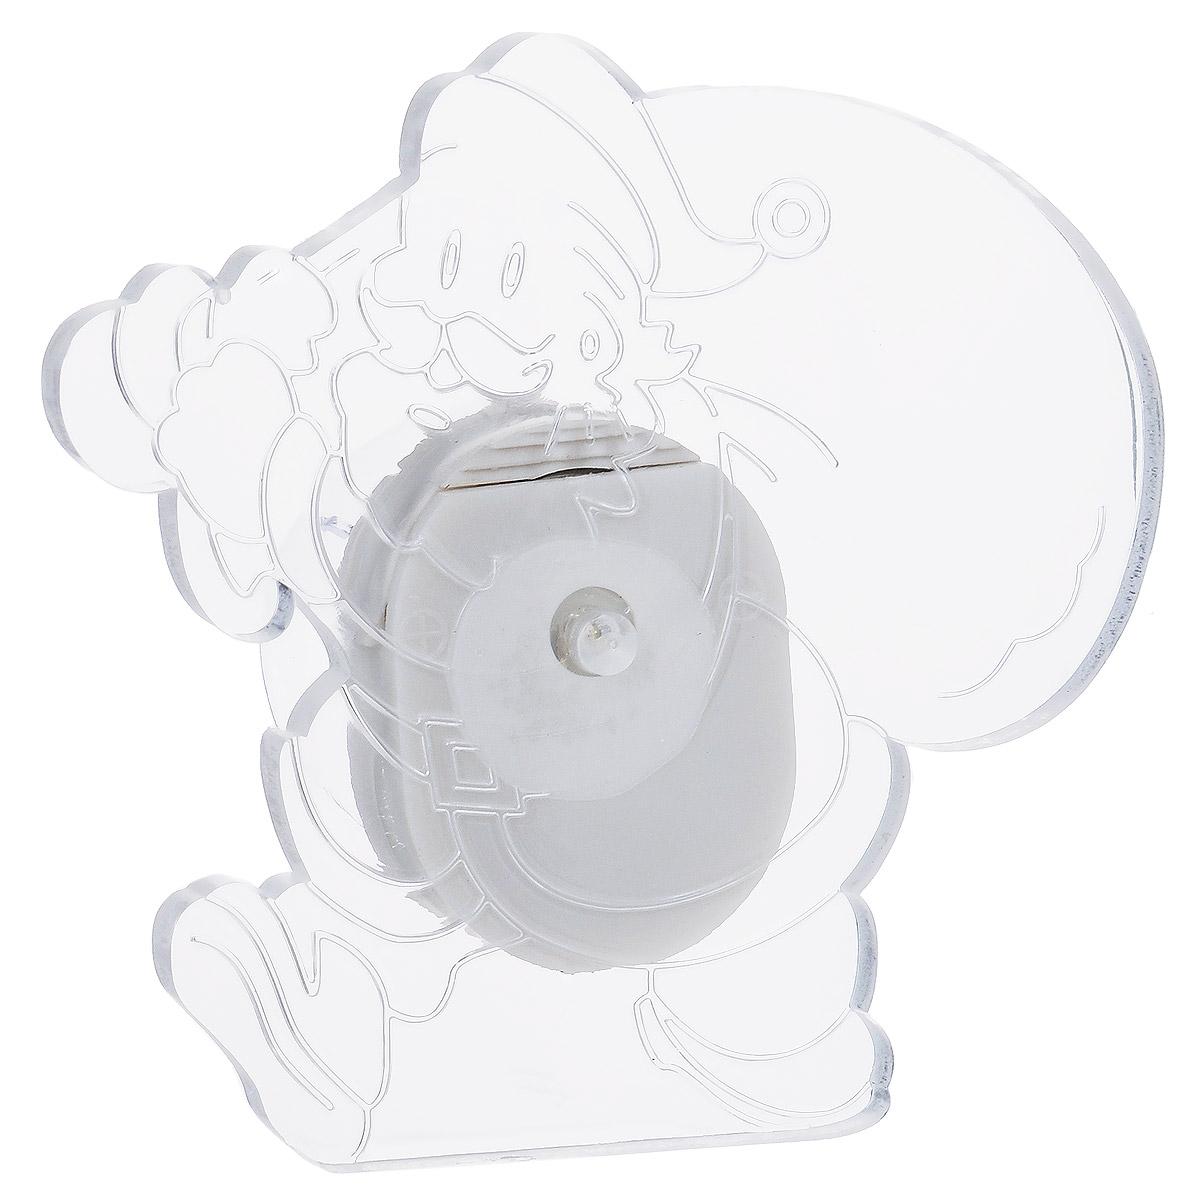 Фигурка Lillo Санта Клаус, с подсветкой, 7,5 см х 7,5 смLS-0159Фигурка Lillo Санта Клаус изготовлена из прозрачного пластика. Изделие выполнено в виде Санта Клауса с мешком подарков и оснащено присоской. Подсветка включается с помощью переключателя сбоку фигурки. Свечение плавно переходит из одного цвета в другой. Красивая фигурка ярко дополнит интерьер дома, офиса или детской в преддверии Нового года.Размер фигурки: 7,5 см х 7,5 см.